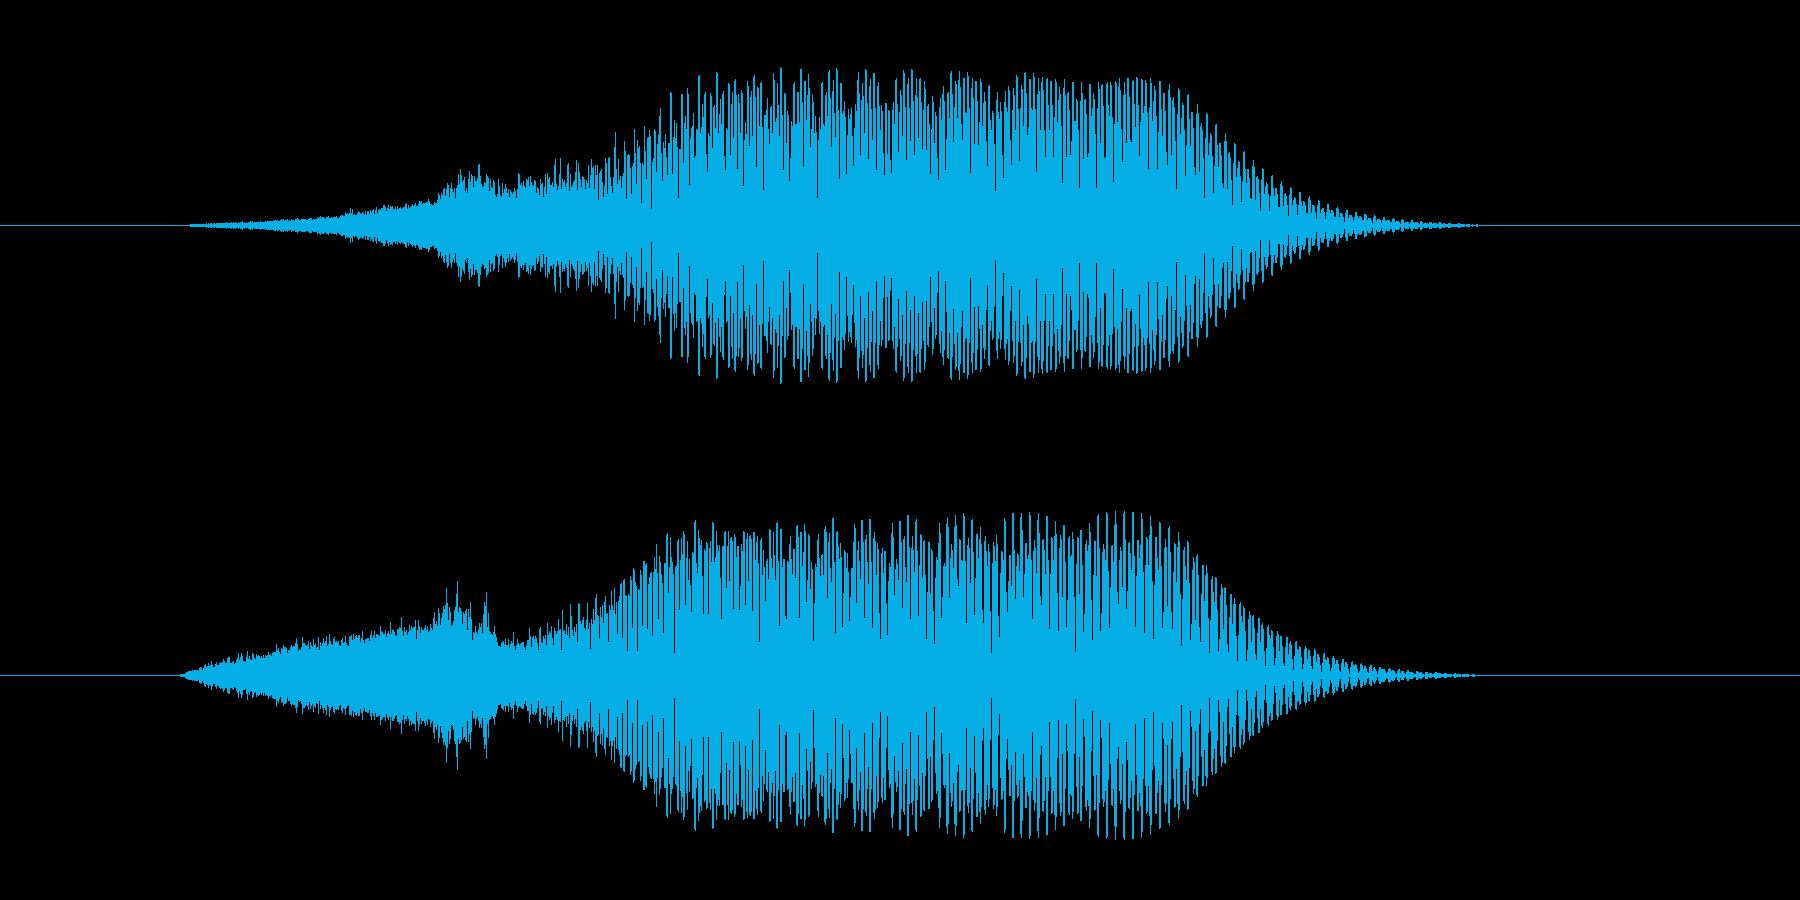 ハリウッドSF_流行_低音_ブーン_01の再生済みの波形